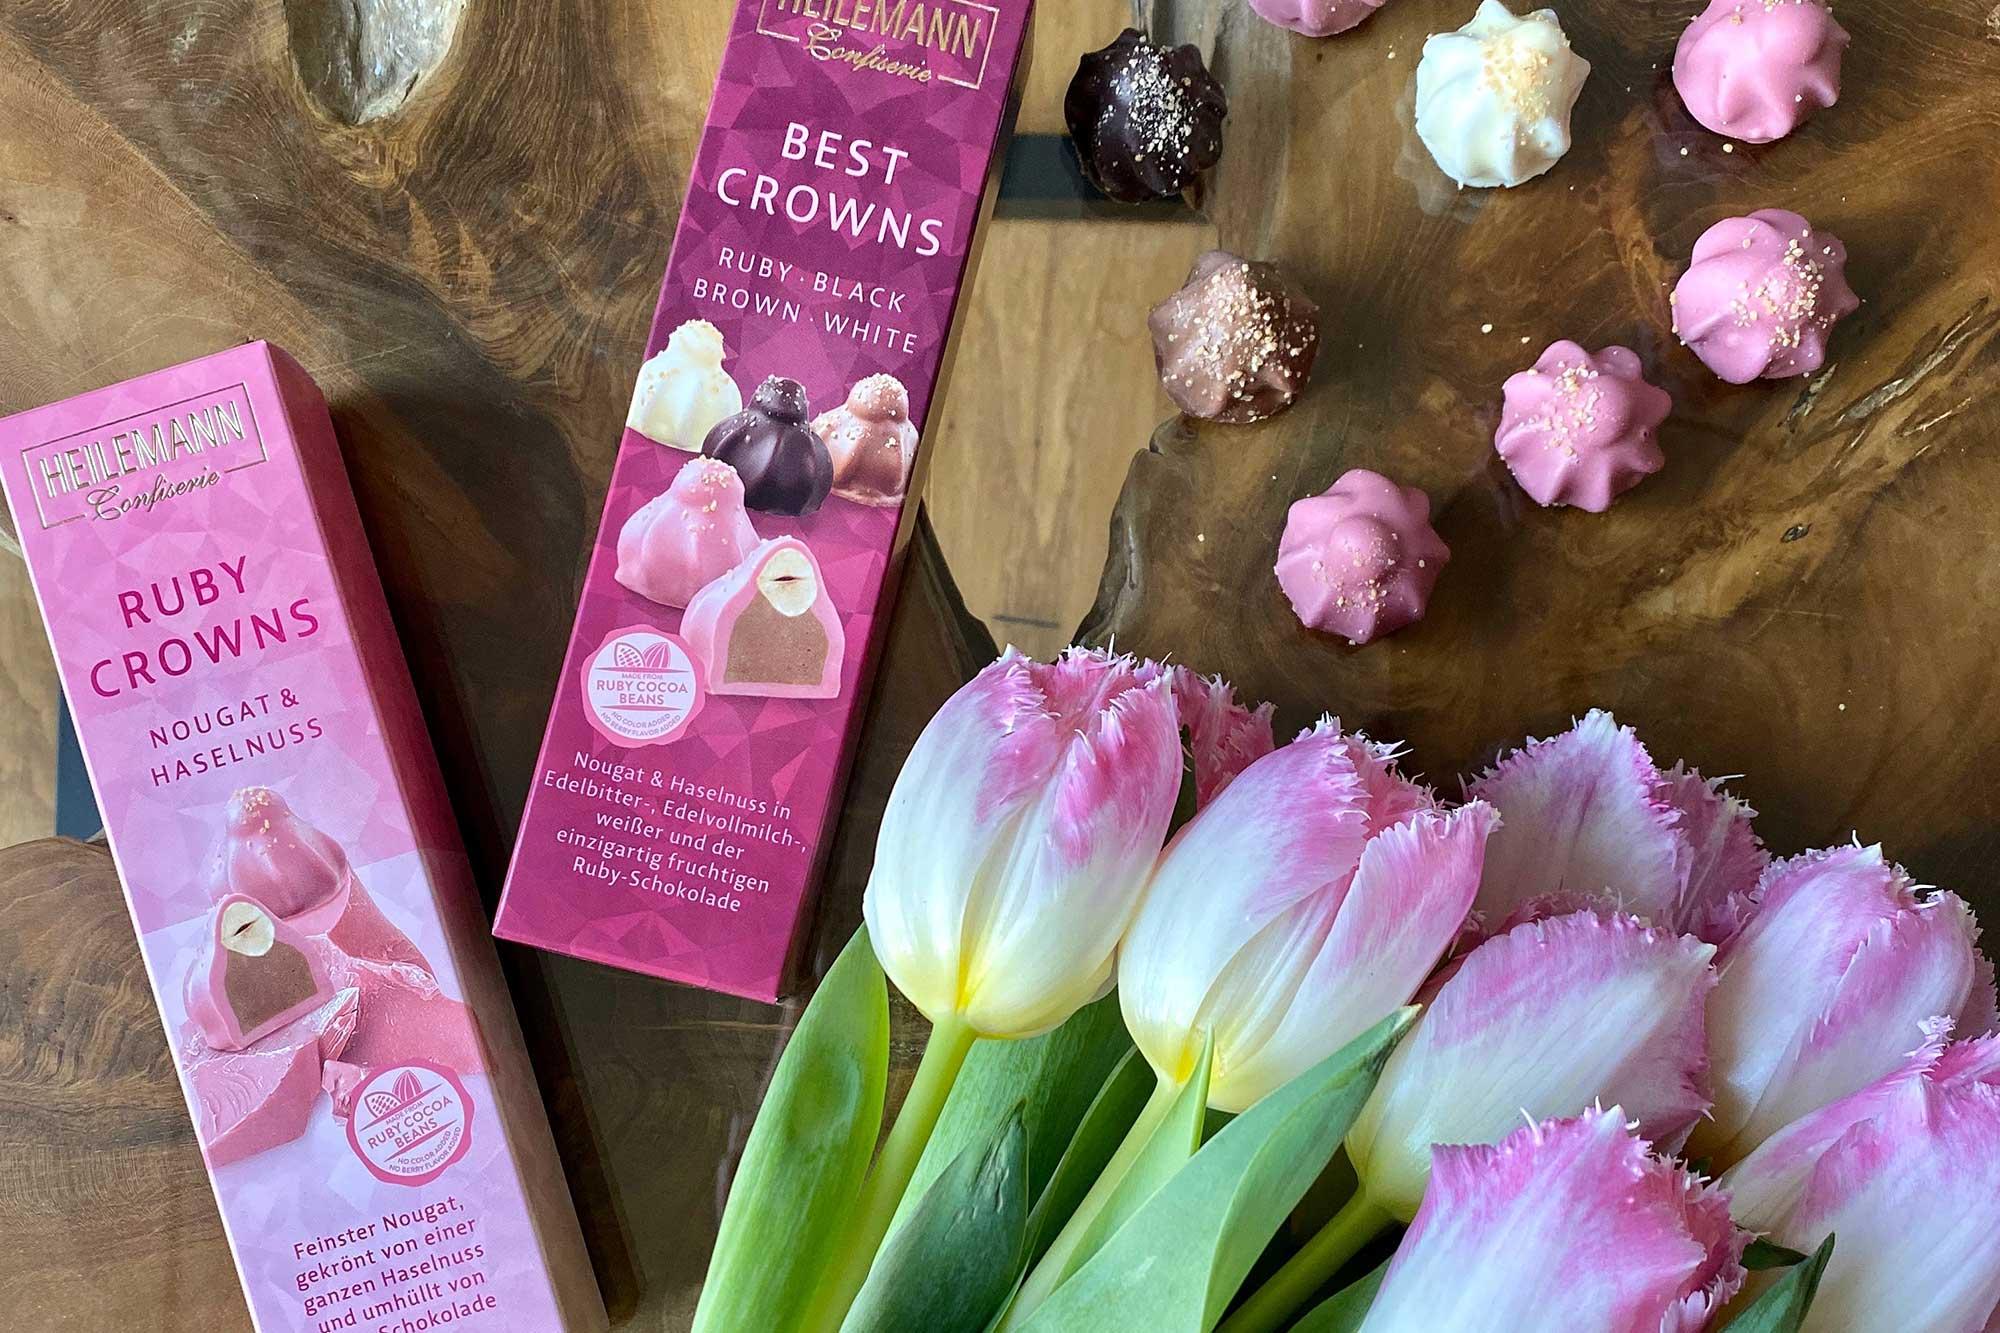 Viba Ruby Crowns und Best Crowns neben pinken Tulpen